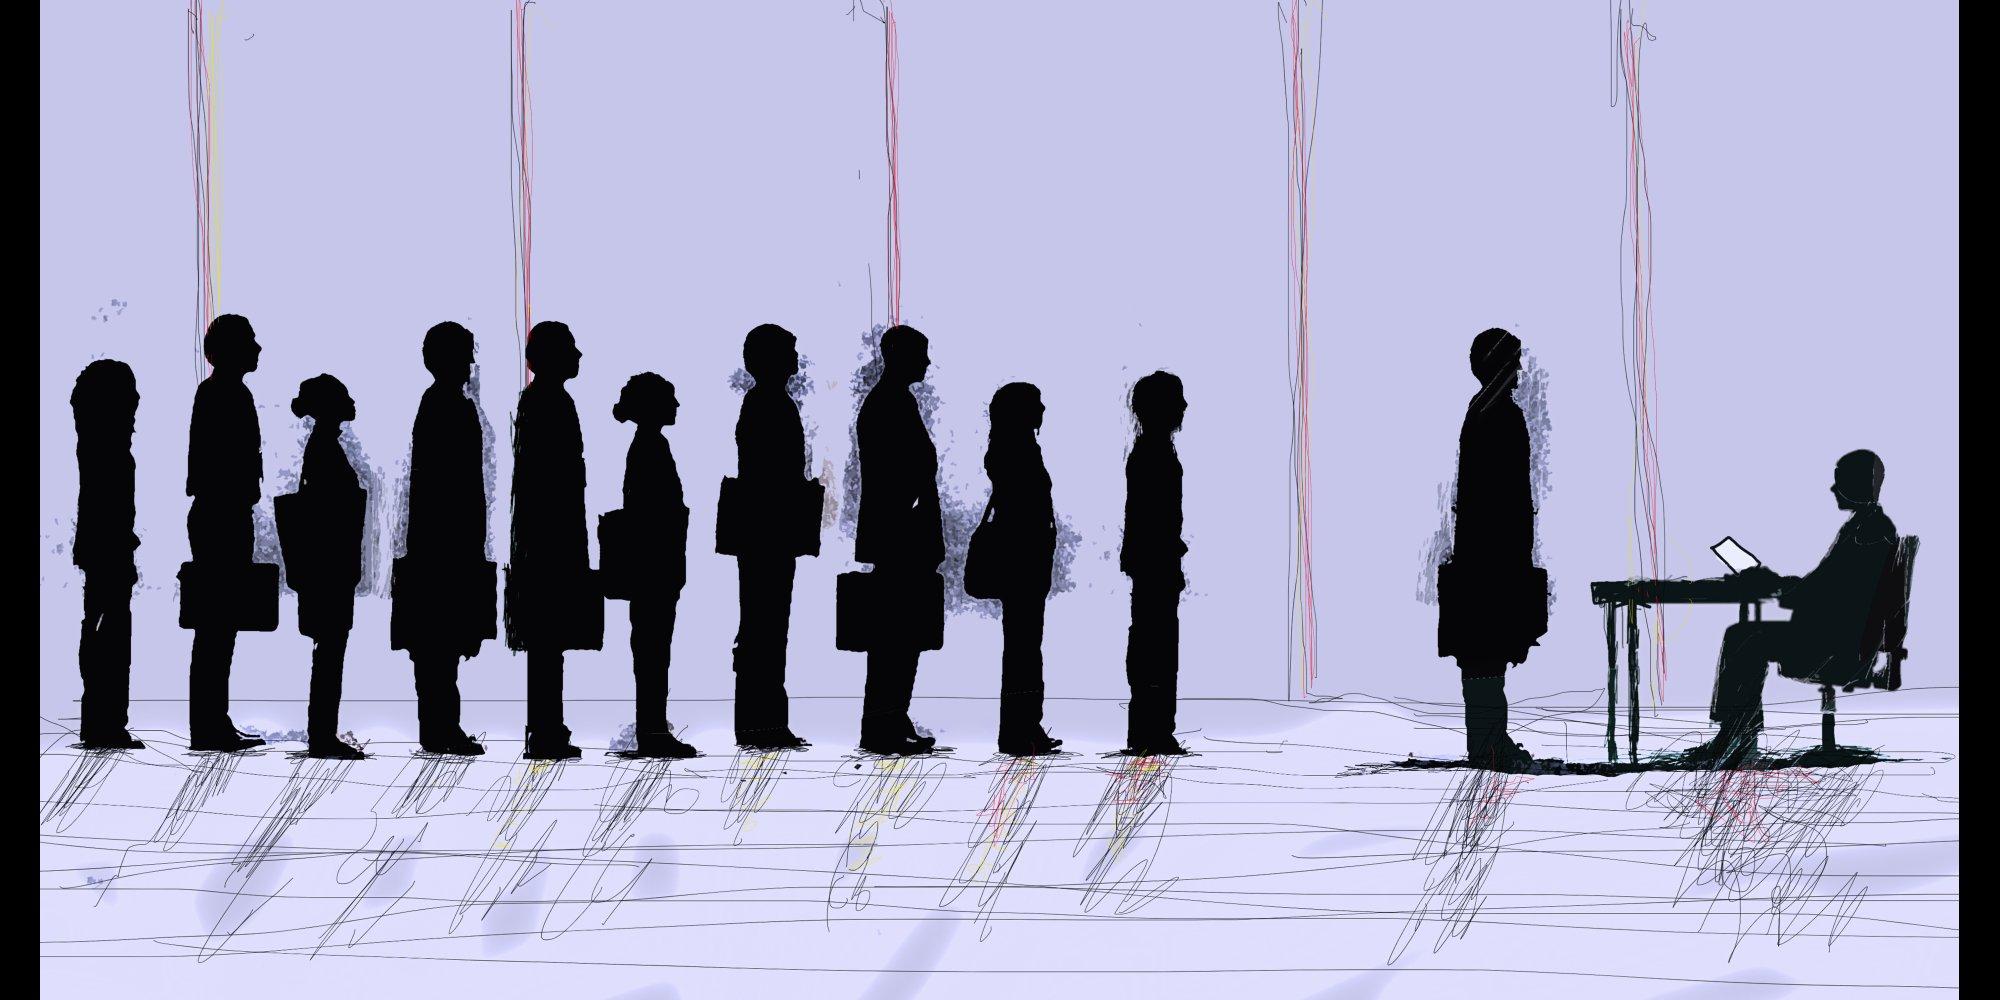 Rumunija: POvratak Rumuna iz inostranstva će povećati stopu nezaposlenosti